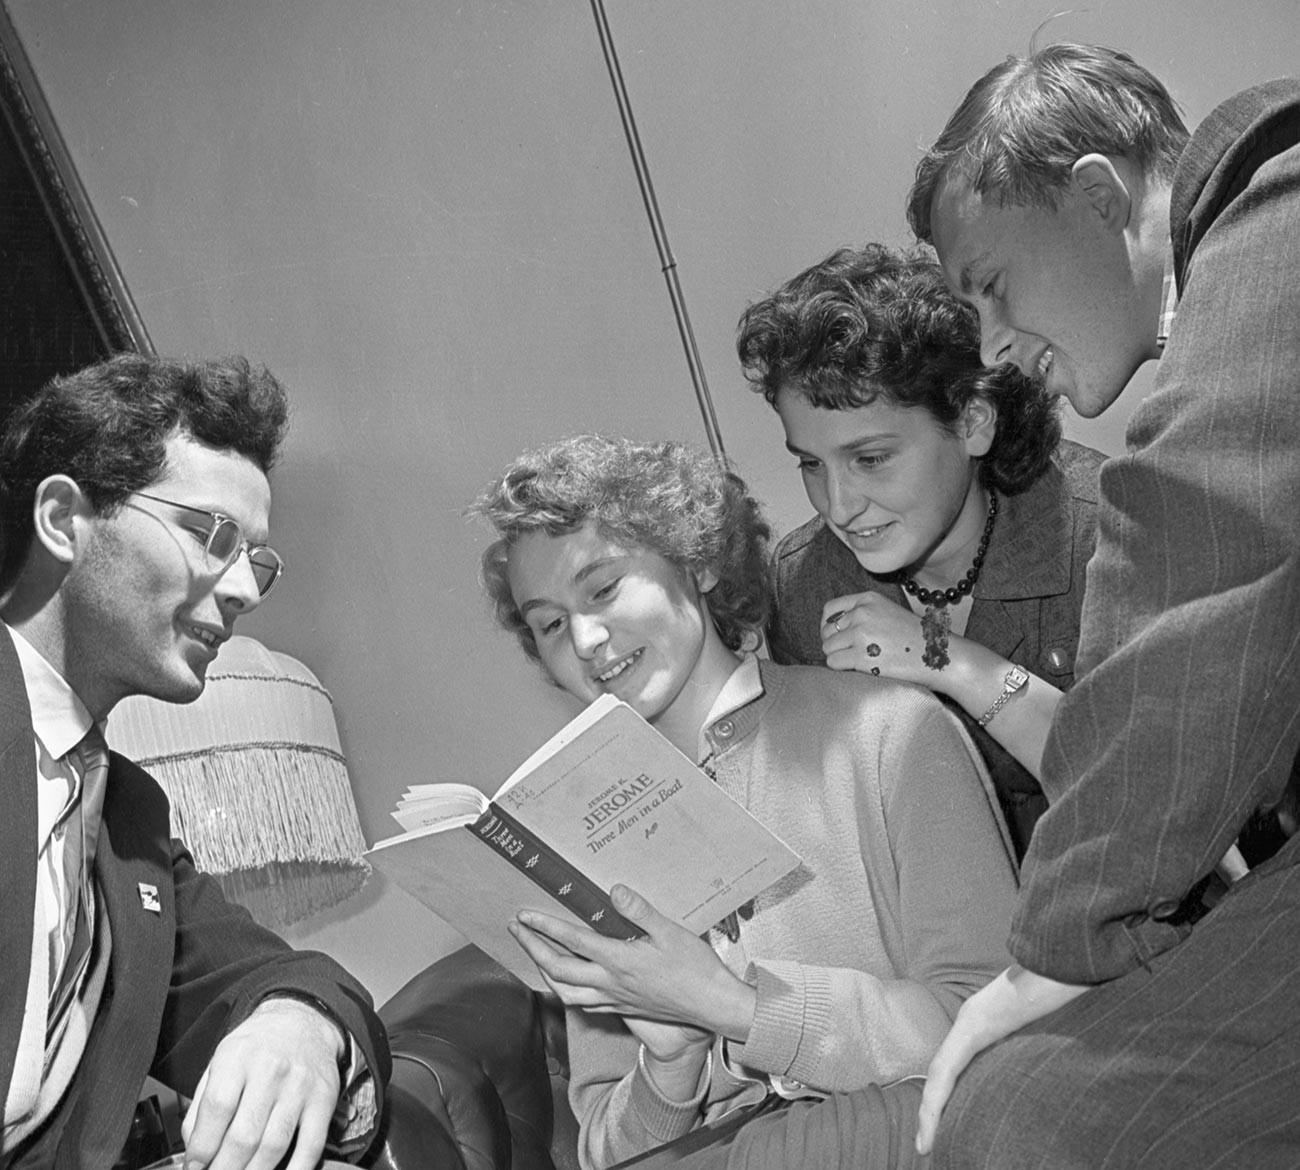 Skupina moskovskih študentov leta 1958.